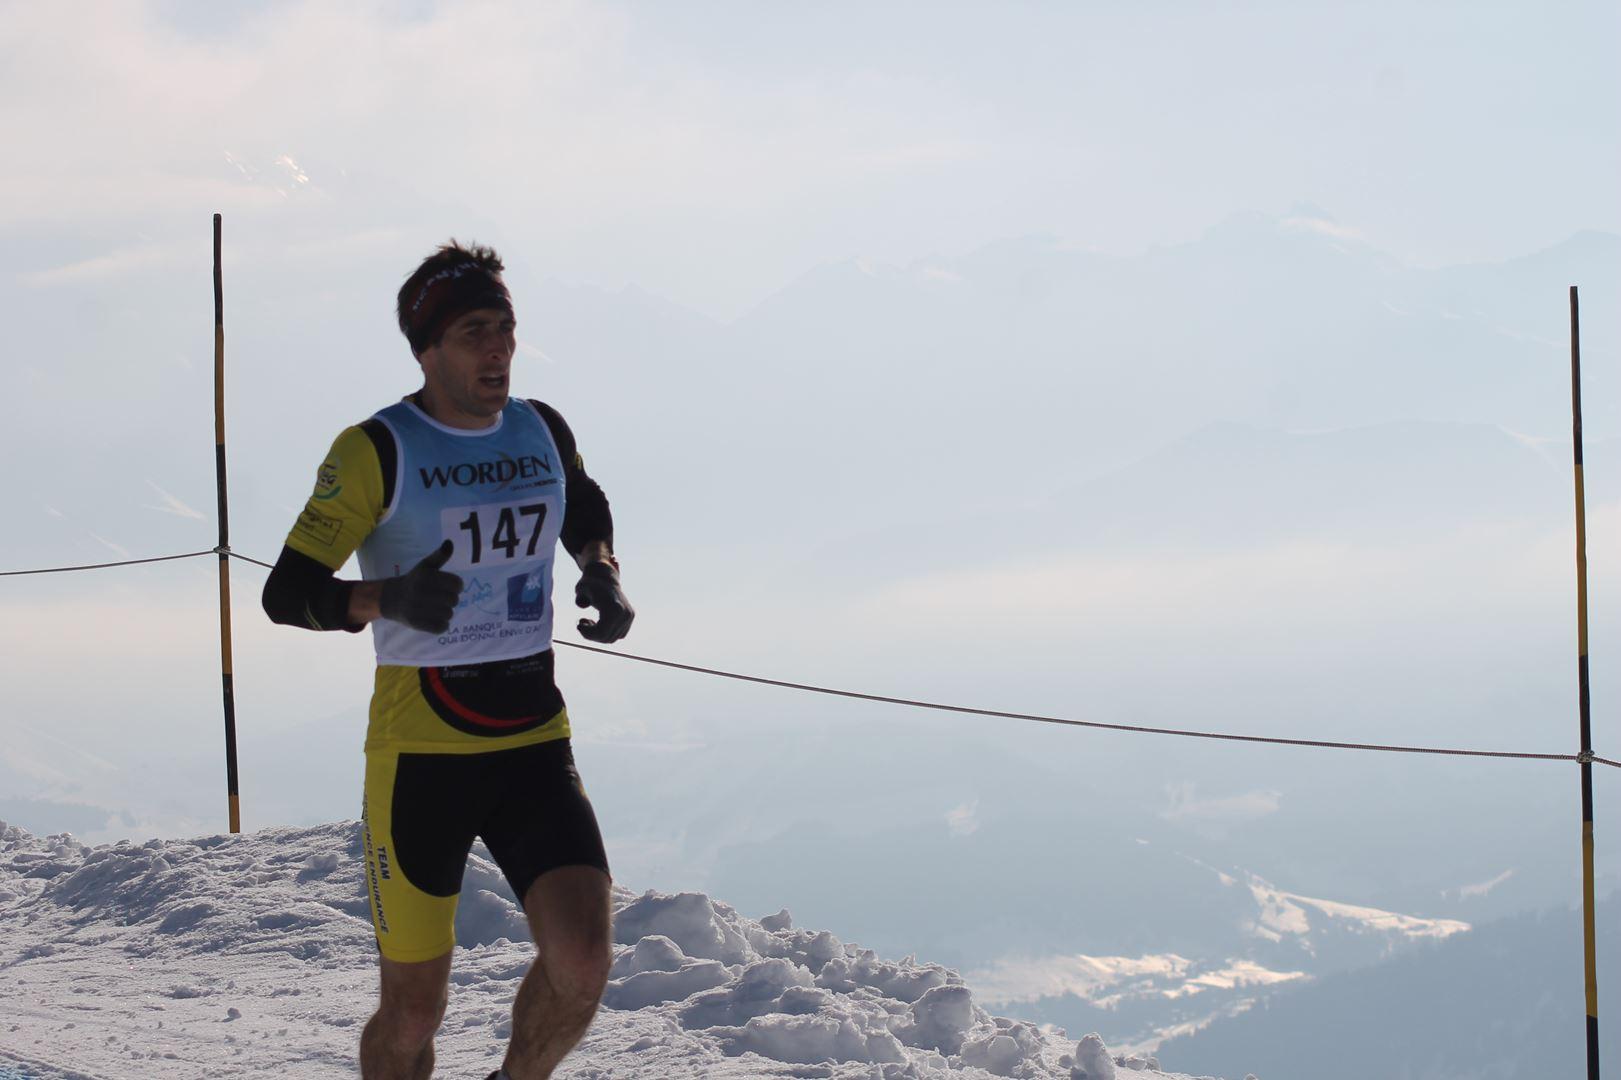 Edouard Laudier 2° Homme du 17km 1 - RESULTATS PHOTOS ET COMPTE RENDU DU 9EME ARAVIS SNOW TRAIL (La Giettaz73) 25-03-2018